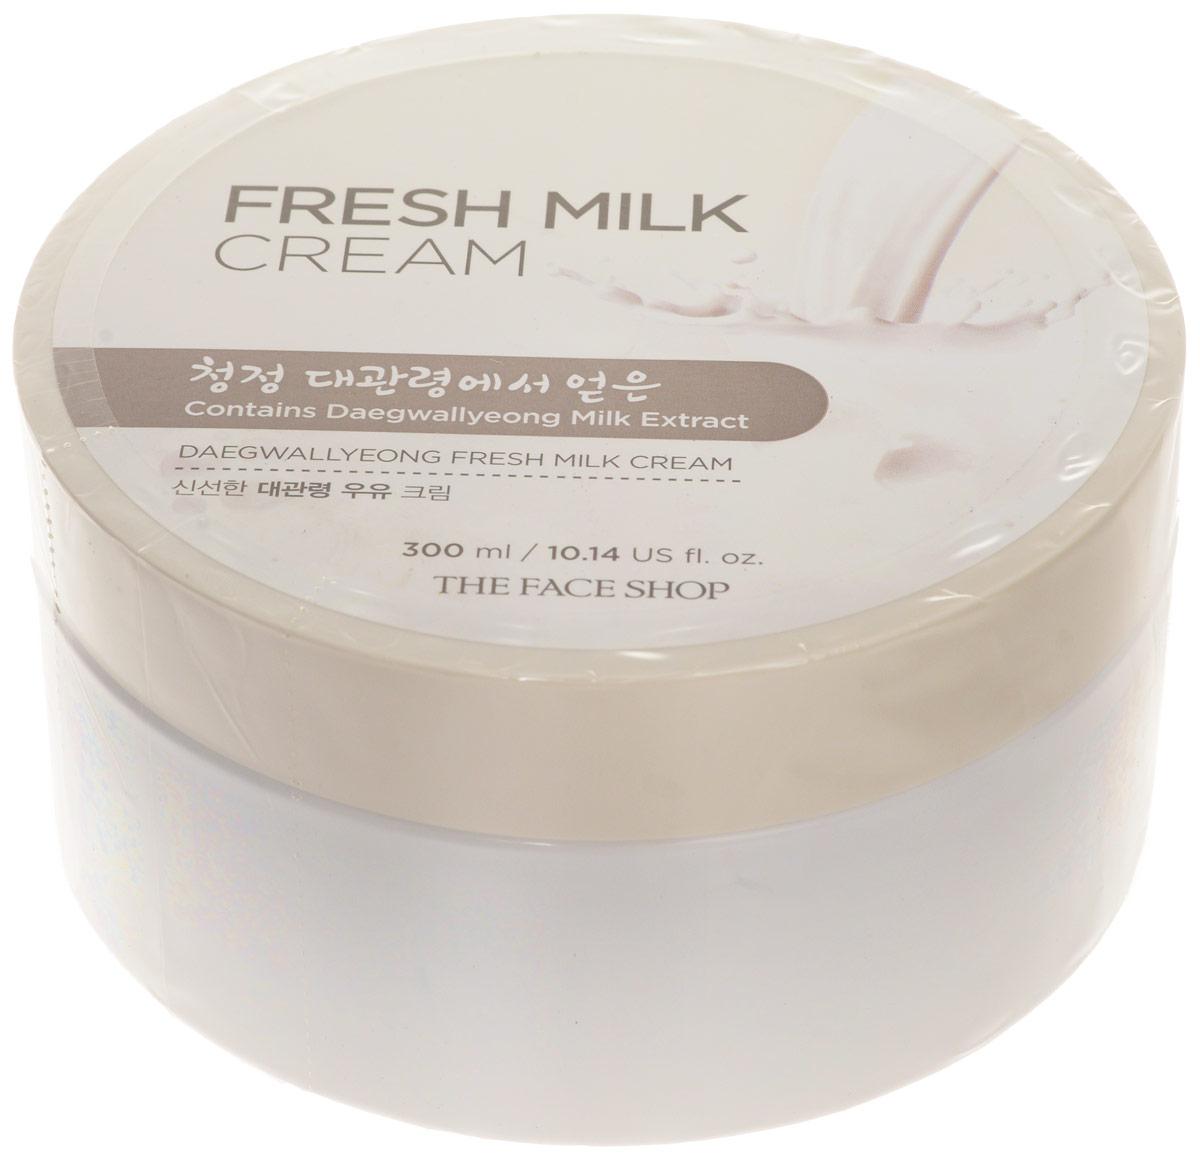 The Face Shop Fresh Milk Cream Крем для лица и тела молочный, 300 млУТ000001787Глубоко увлажняющий крем Fresh Milk Cream, наполняет кожу влагой и питательными веществами, устраняет стянутость и шелушение. Препятствует пересыханию, при этом не создает на коже жирной, маслянистой пленки. Мягкая текстура, как у взбитых сливок легко распределяется по коже.